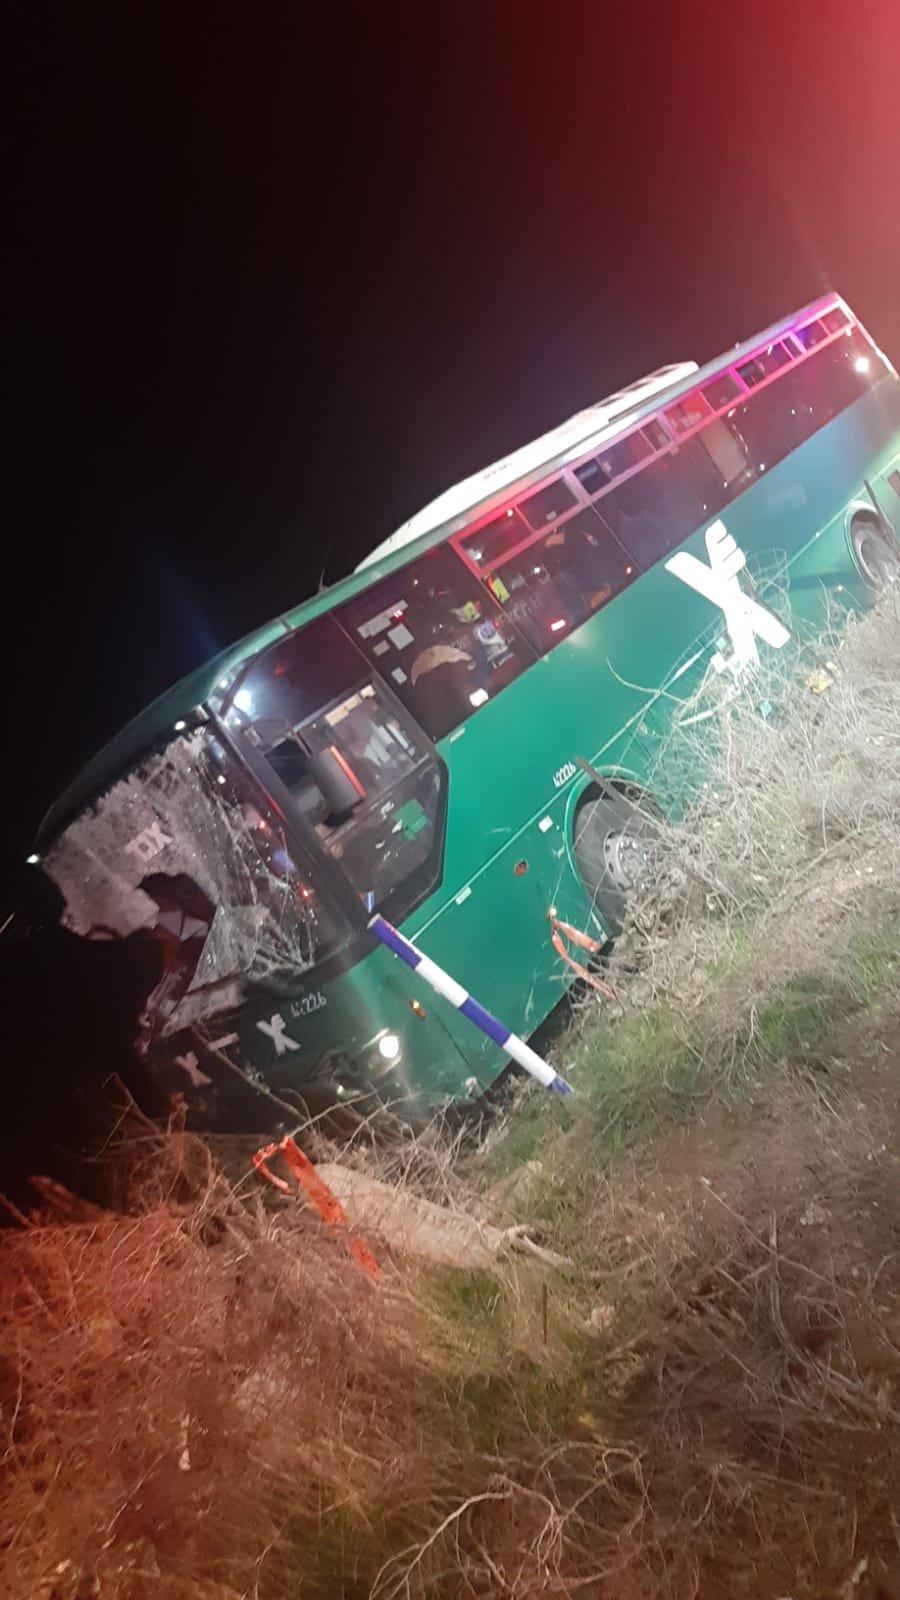 حافلة عمومية تصطدم بمحطة انزال ركاب: 4 قتلى و9 اصابات